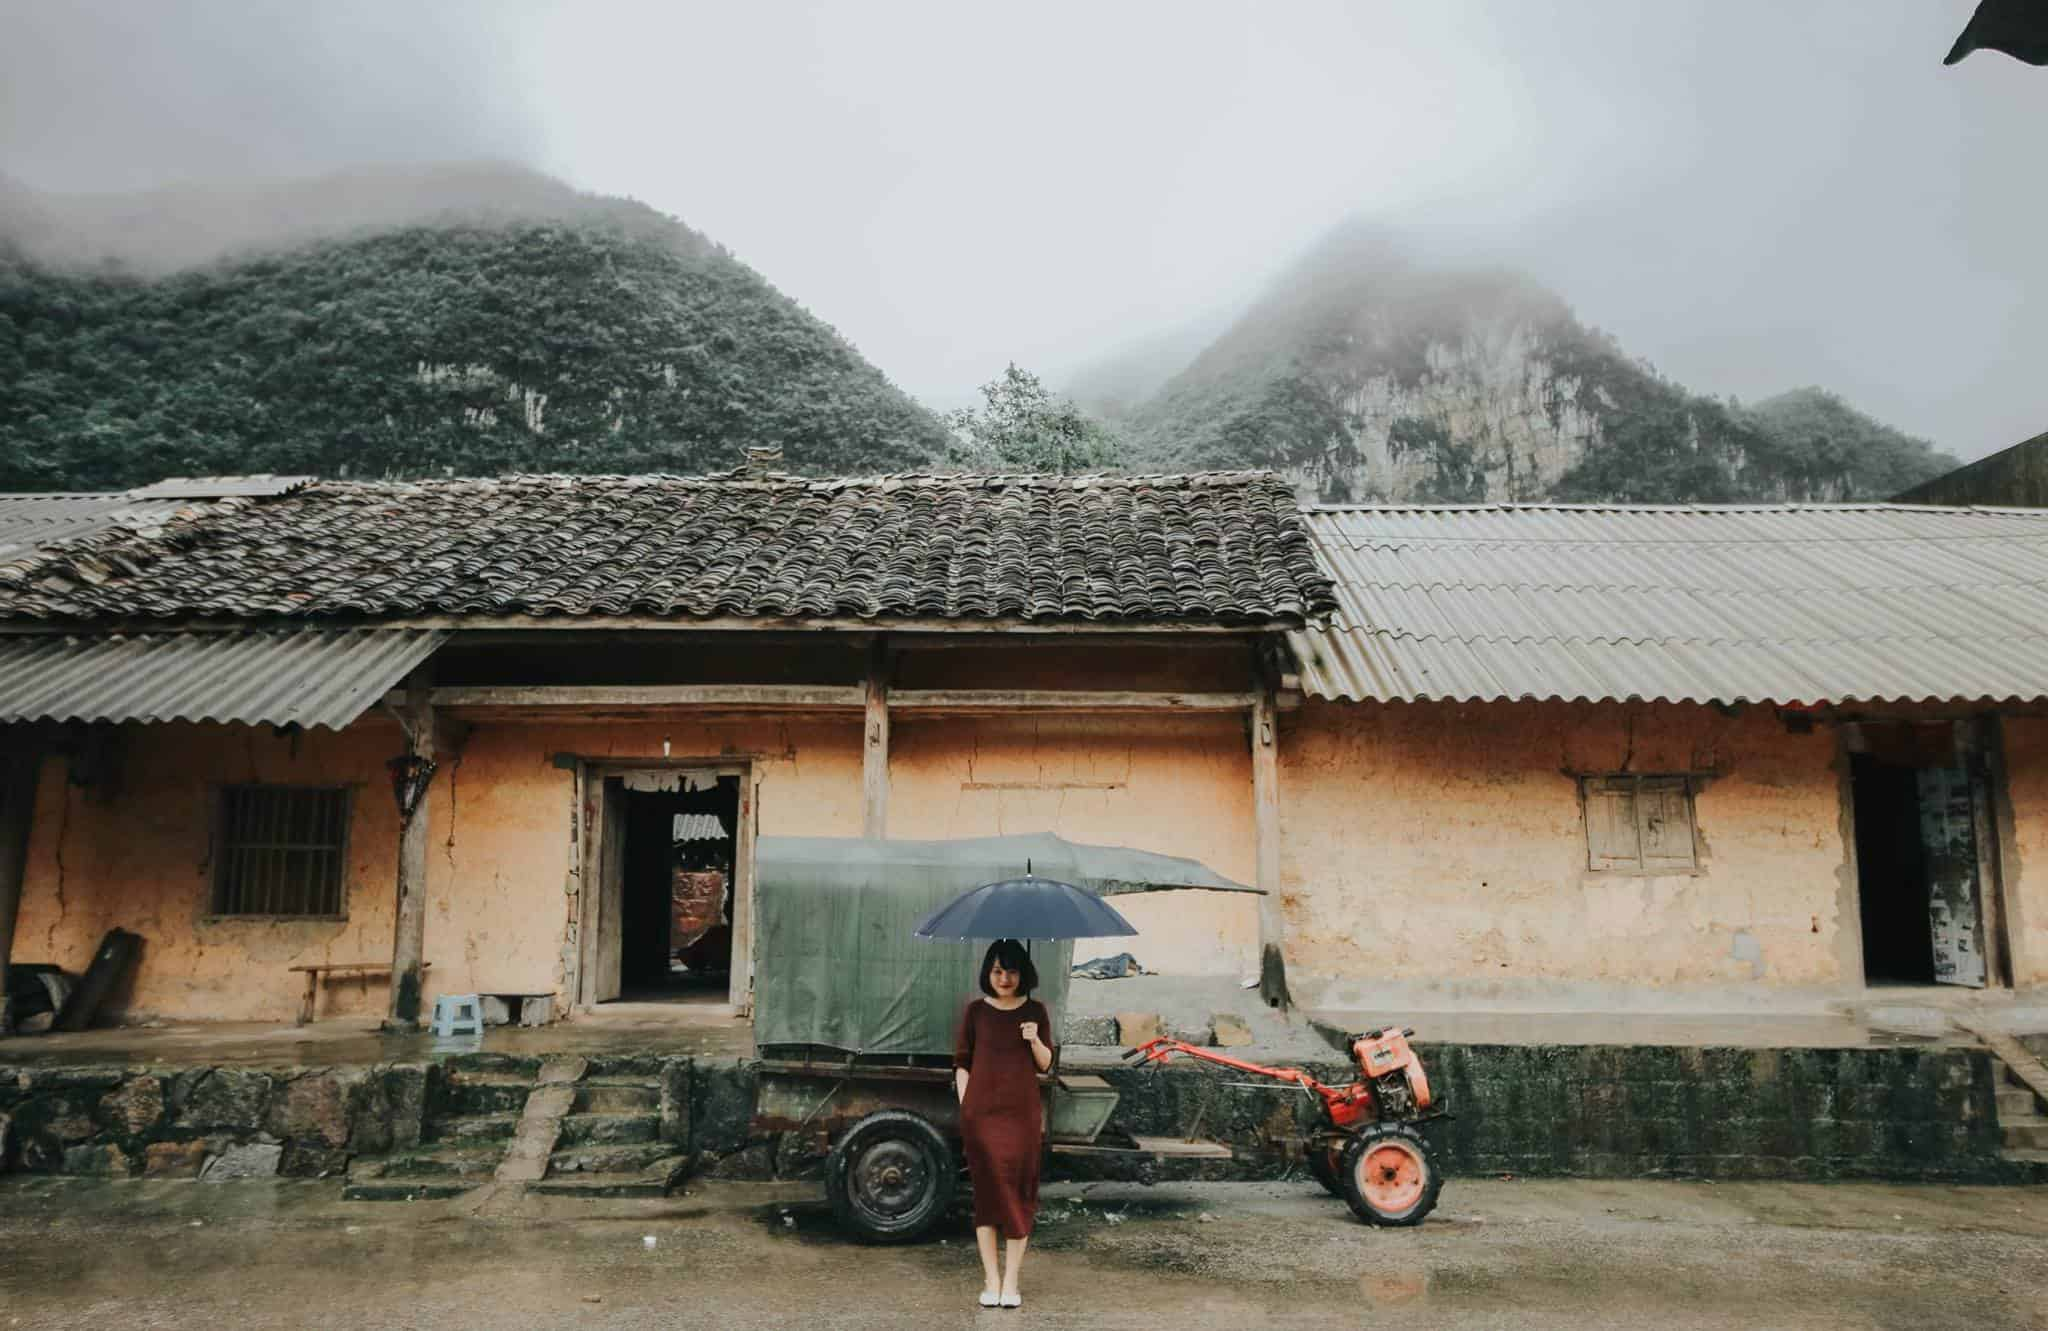 Những căn nhà cũ kỹ nhuốm màu thời gian. Hình: Hoàng Linh Hà